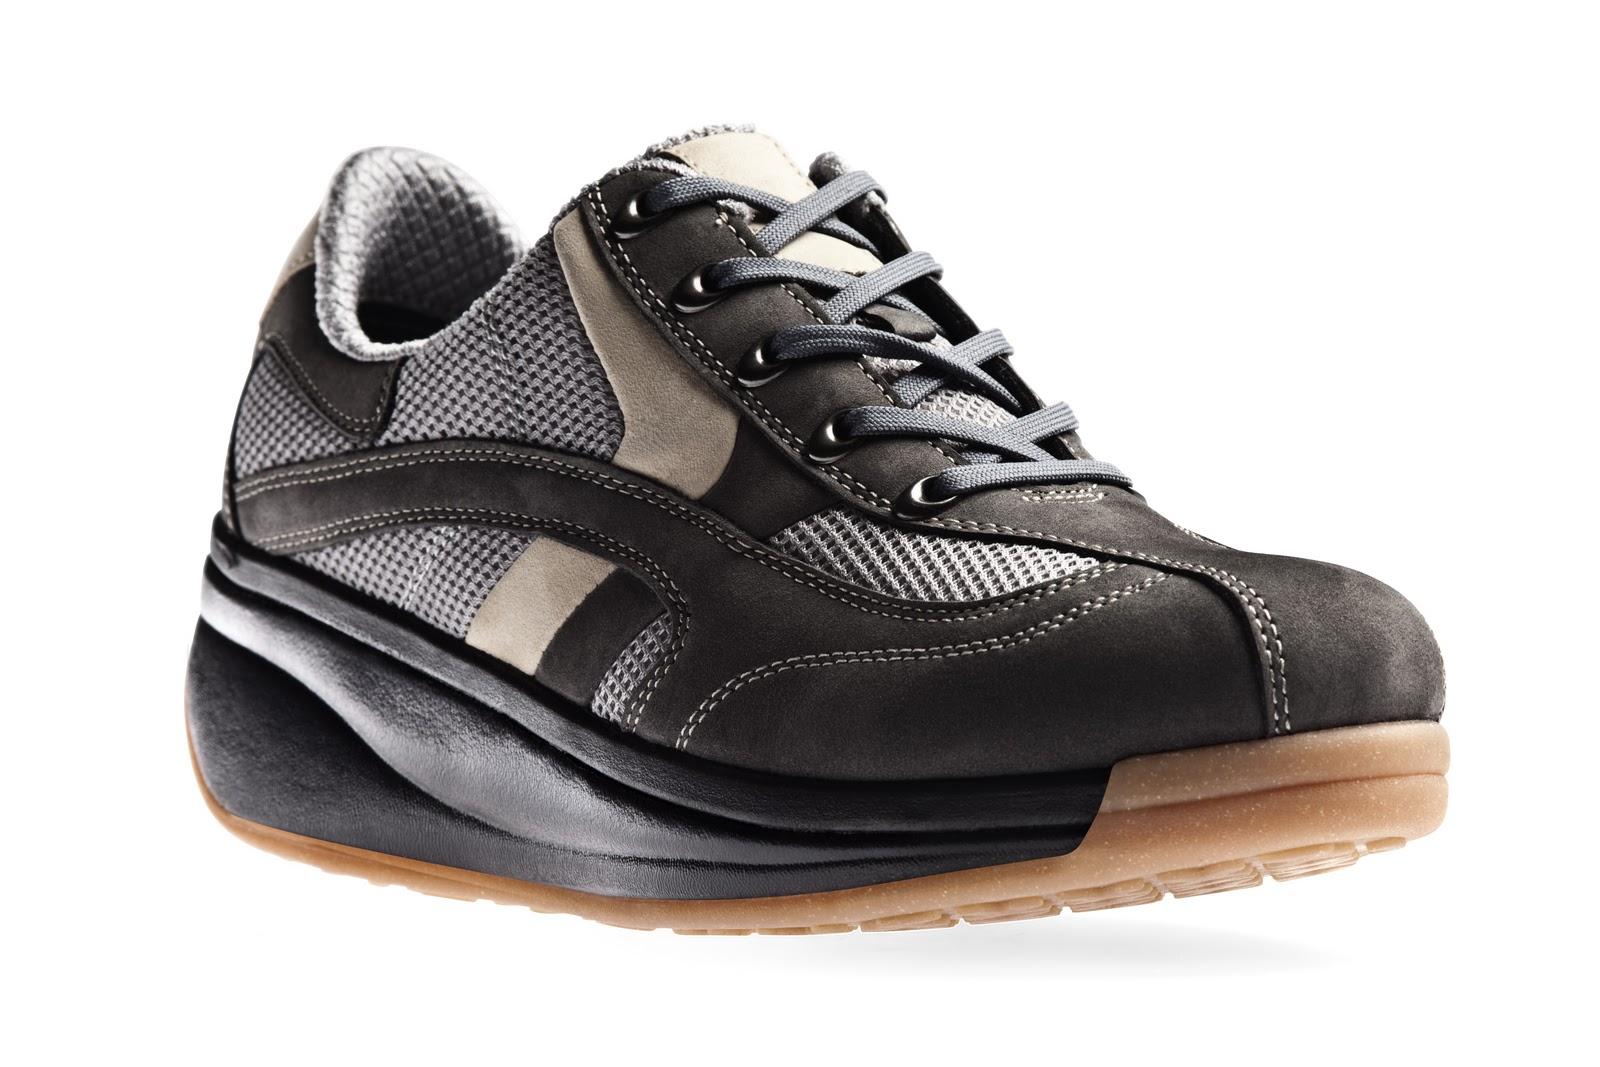 c879c19cf51 The Comfort Shoe Report